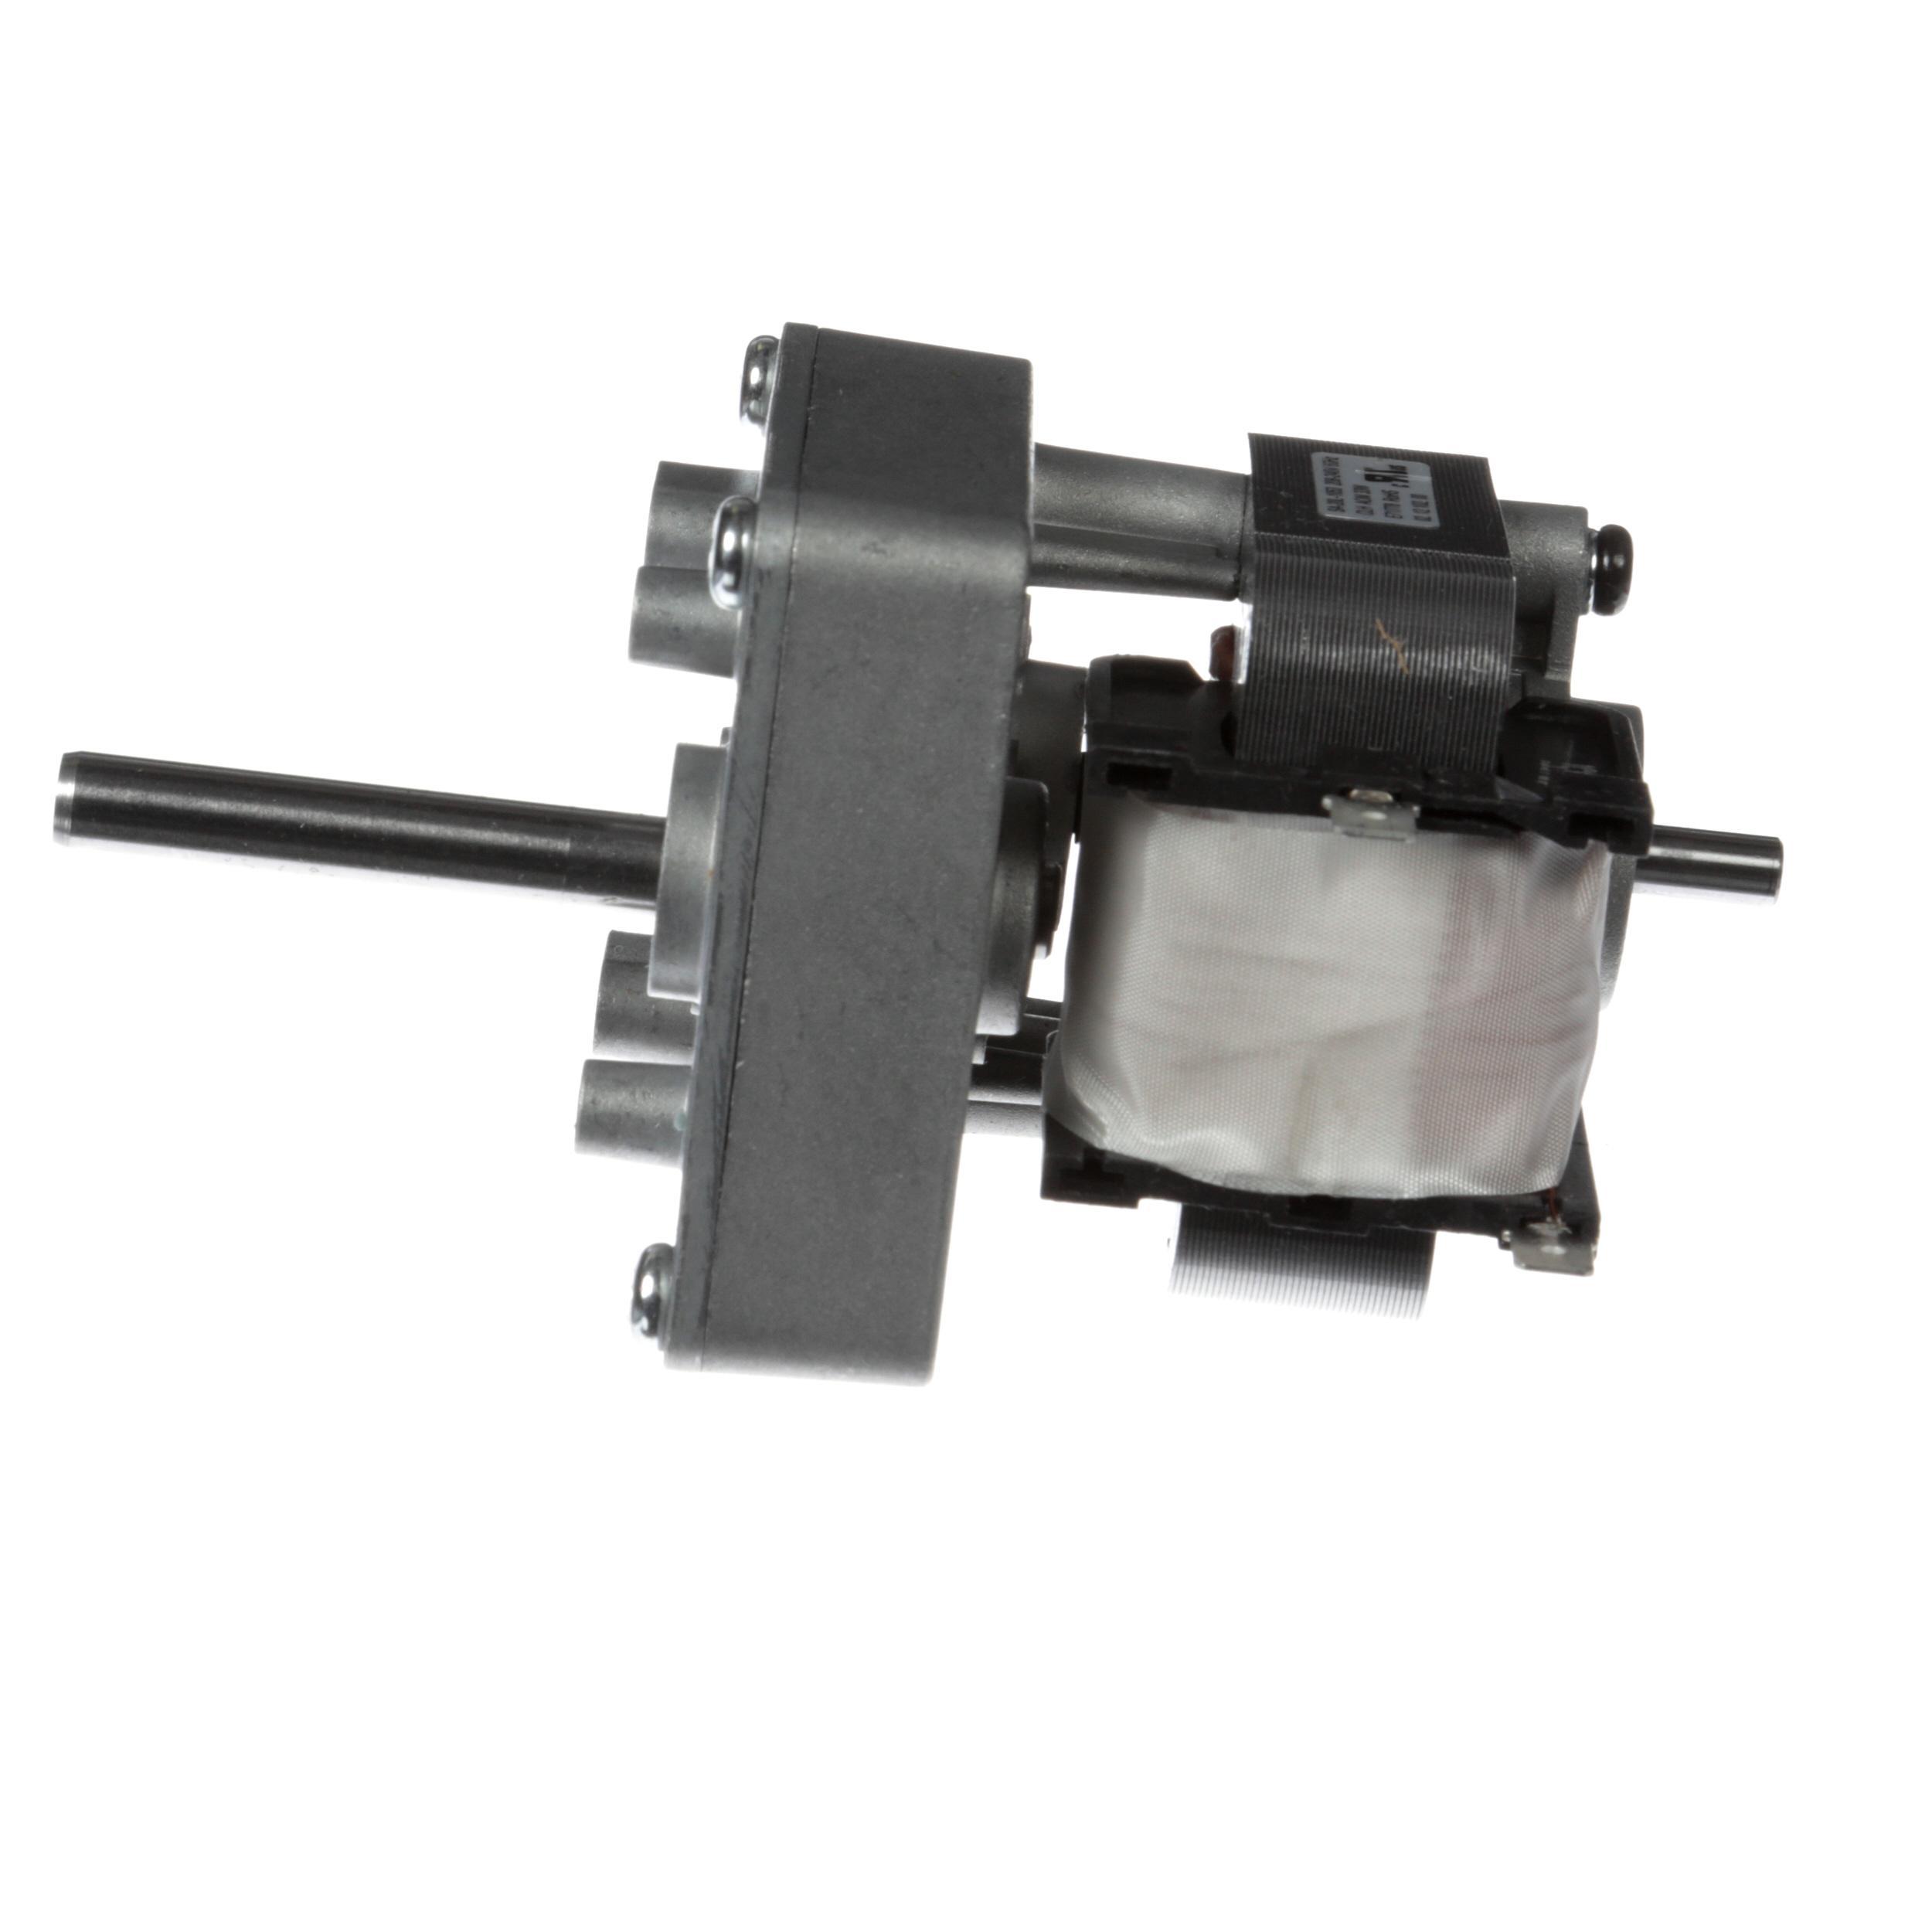 Hatco Conveyor Gear Motor Part